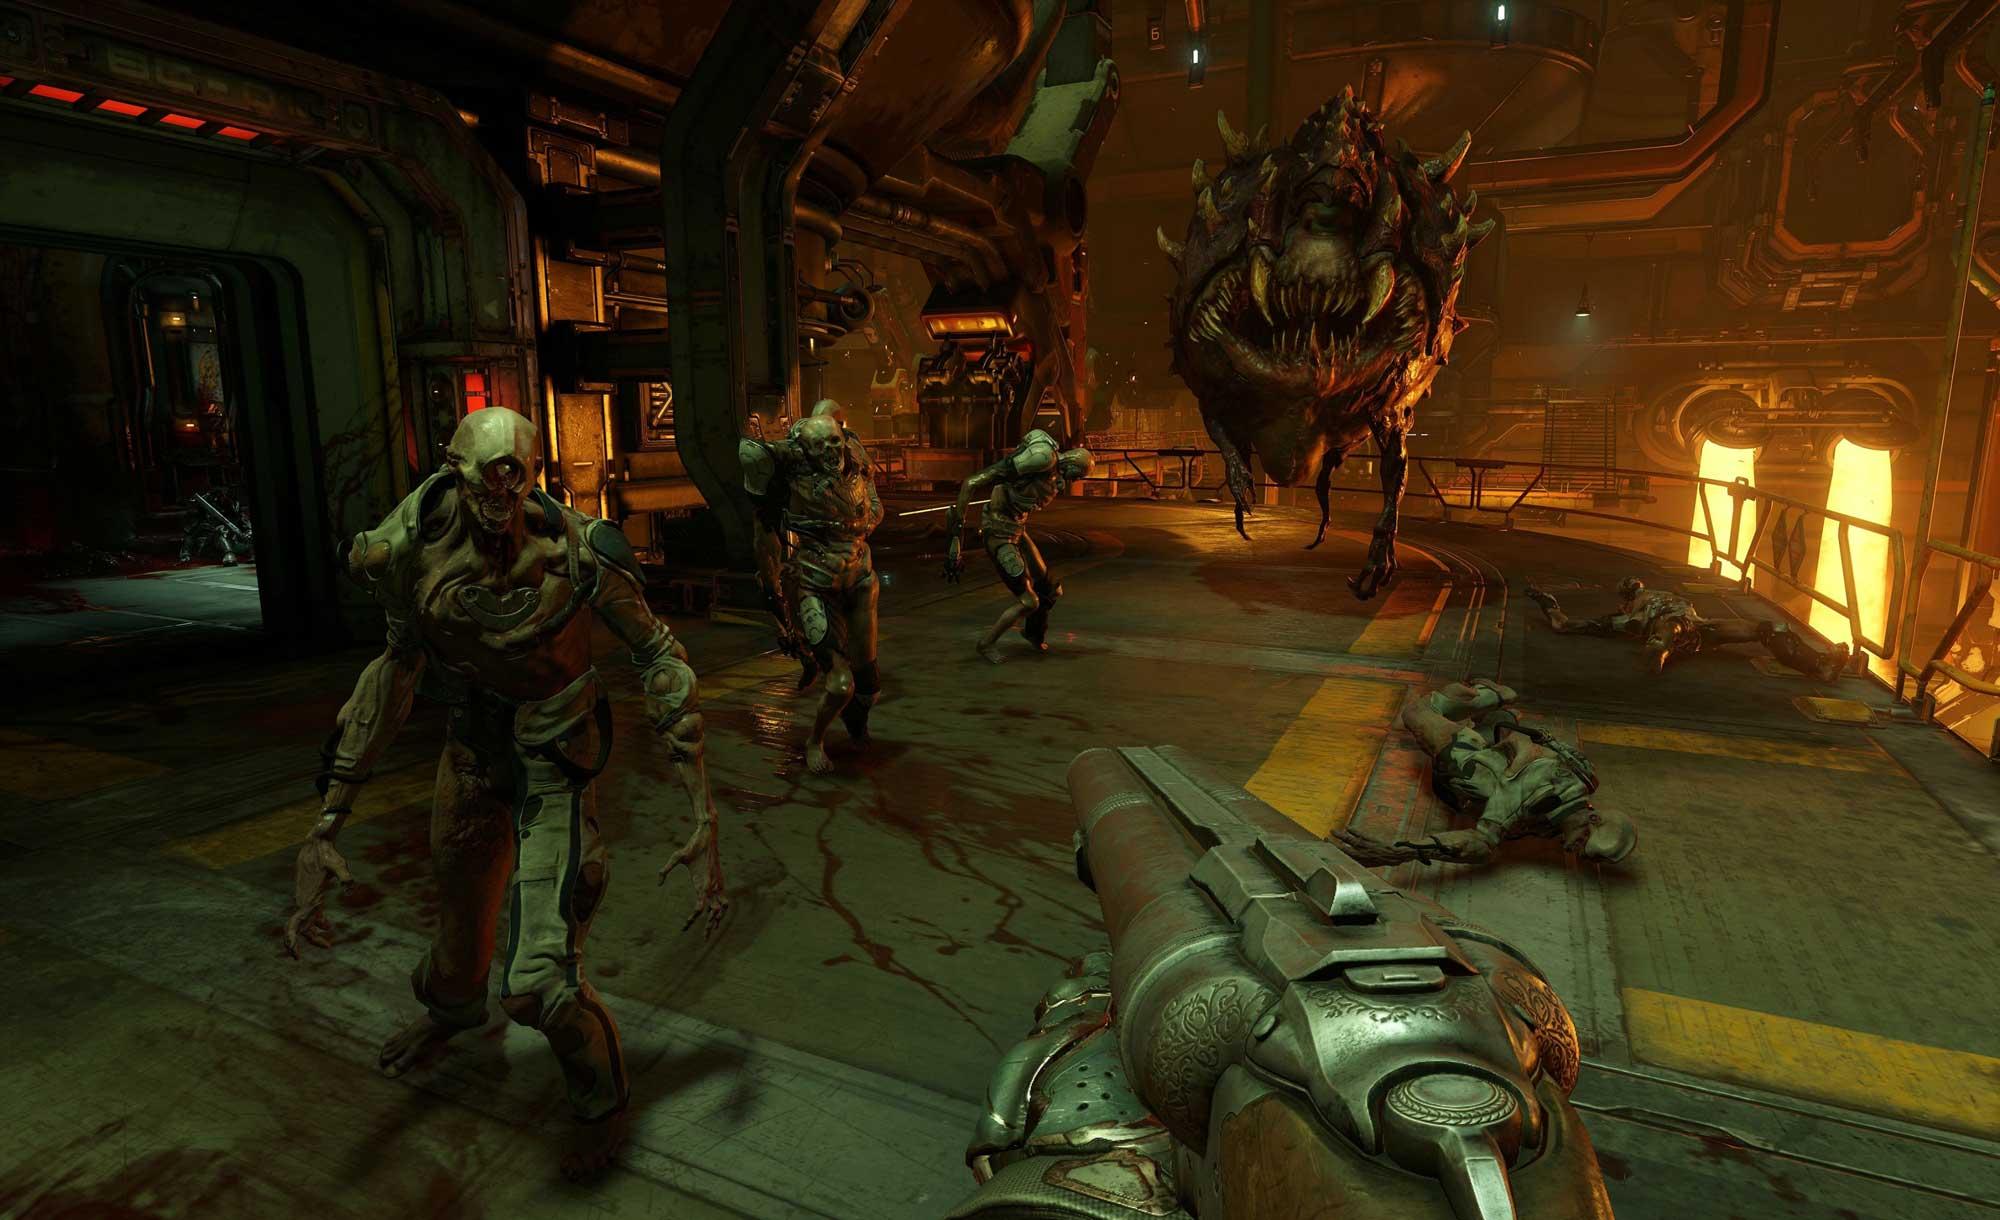 геймплей doom 4